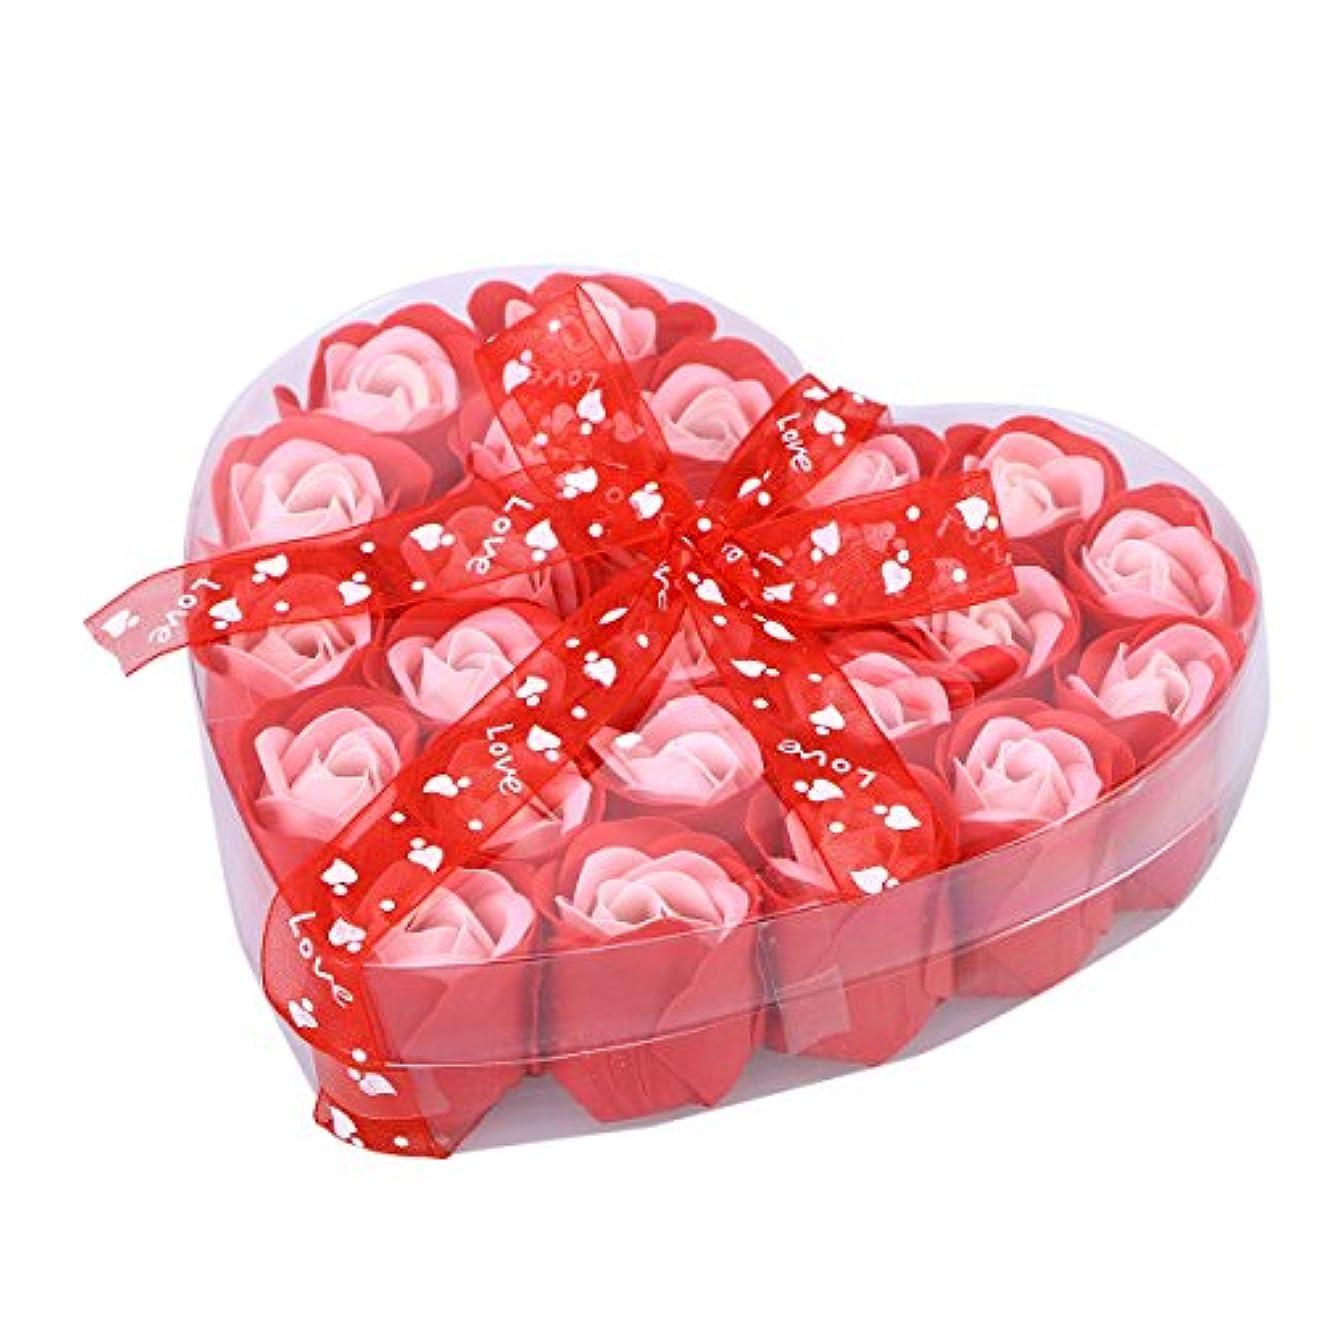 夢中ワームどこにでもFrcolor 香り付きバスソープ ハートボックスにバラ形のソープ 飾り物 ギフト 24個入